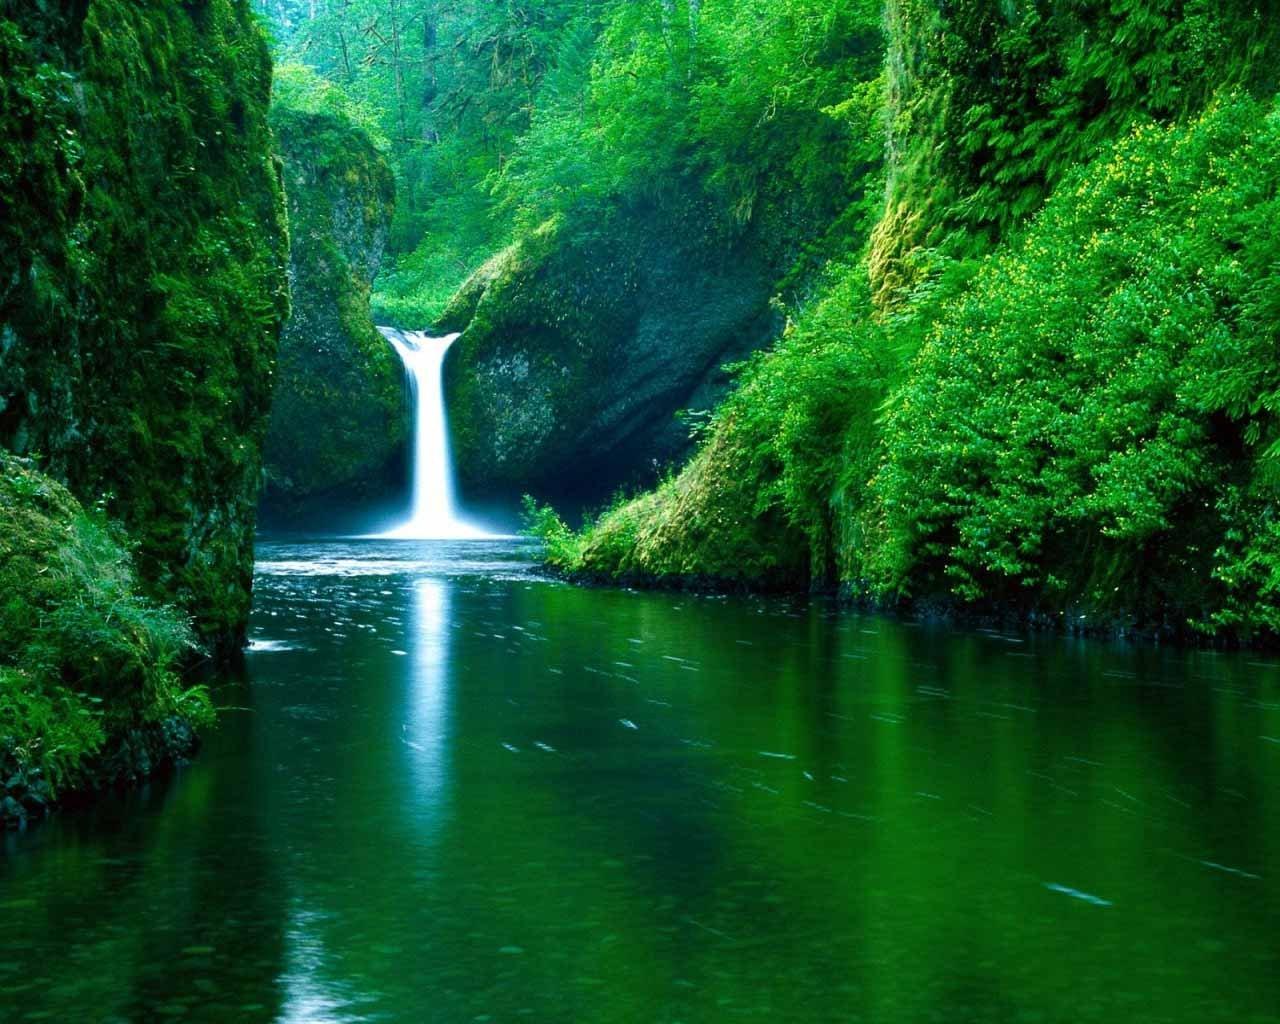 paisajes hermosos on Tumblr